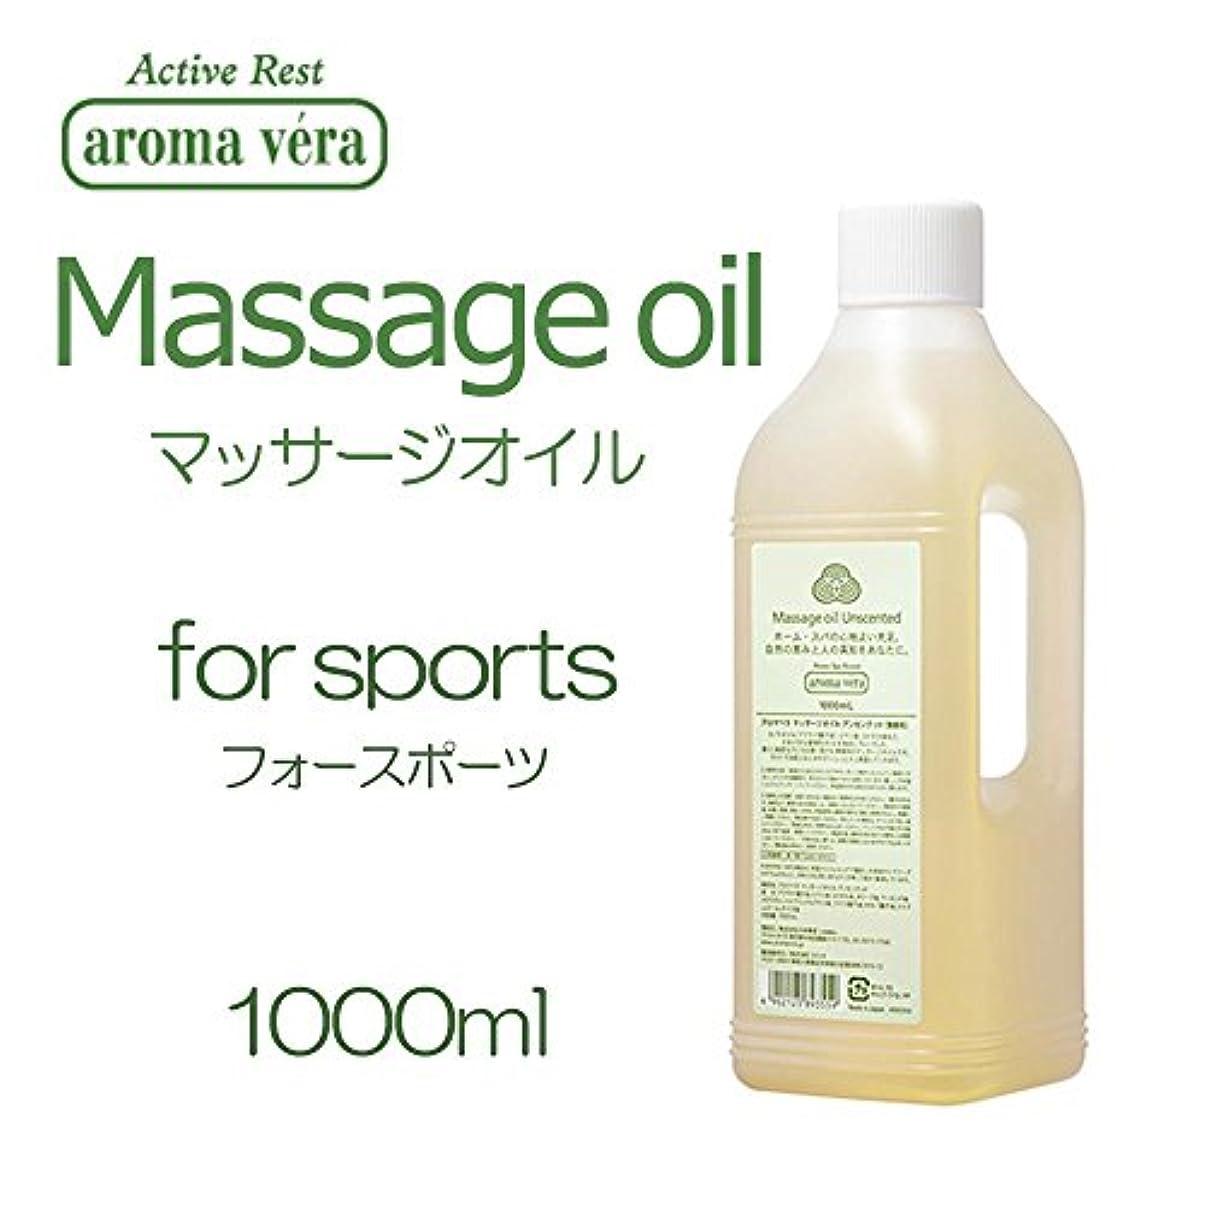 けがをする無駄な救援aroma vera(アロマベラ) マッサージオイル フォースポーツ 1000ml